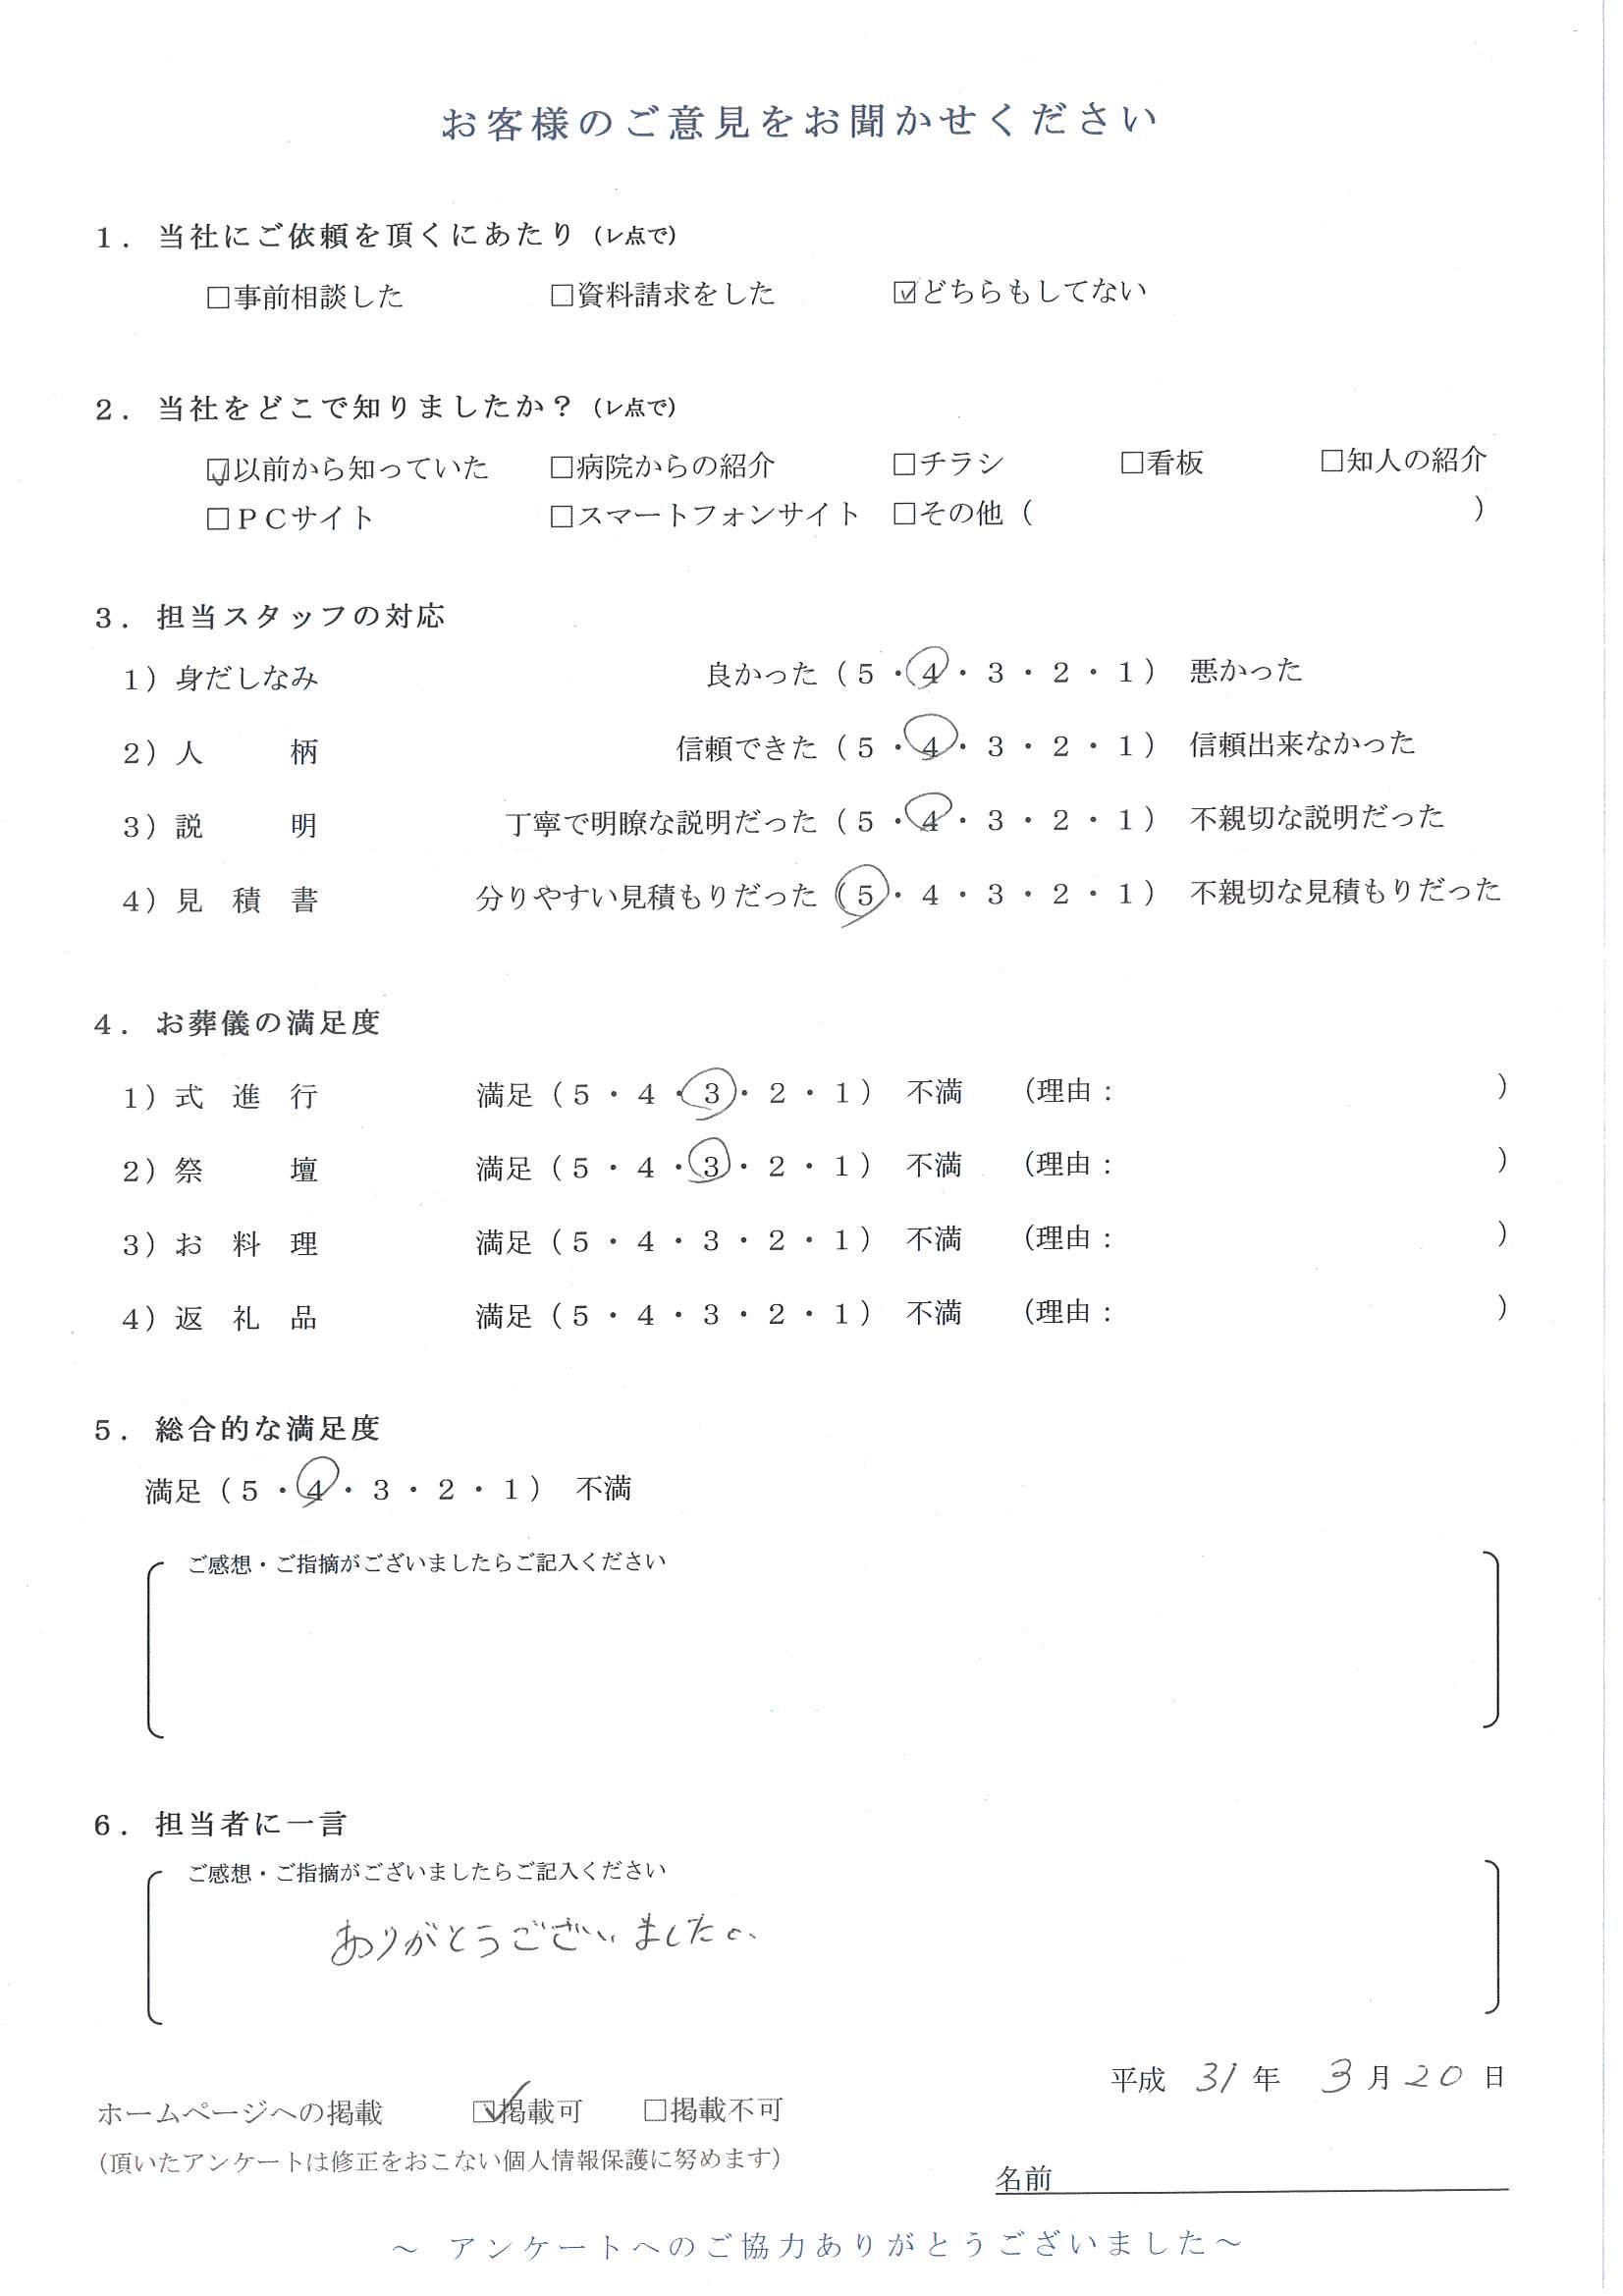 2019.03.20 仲西家